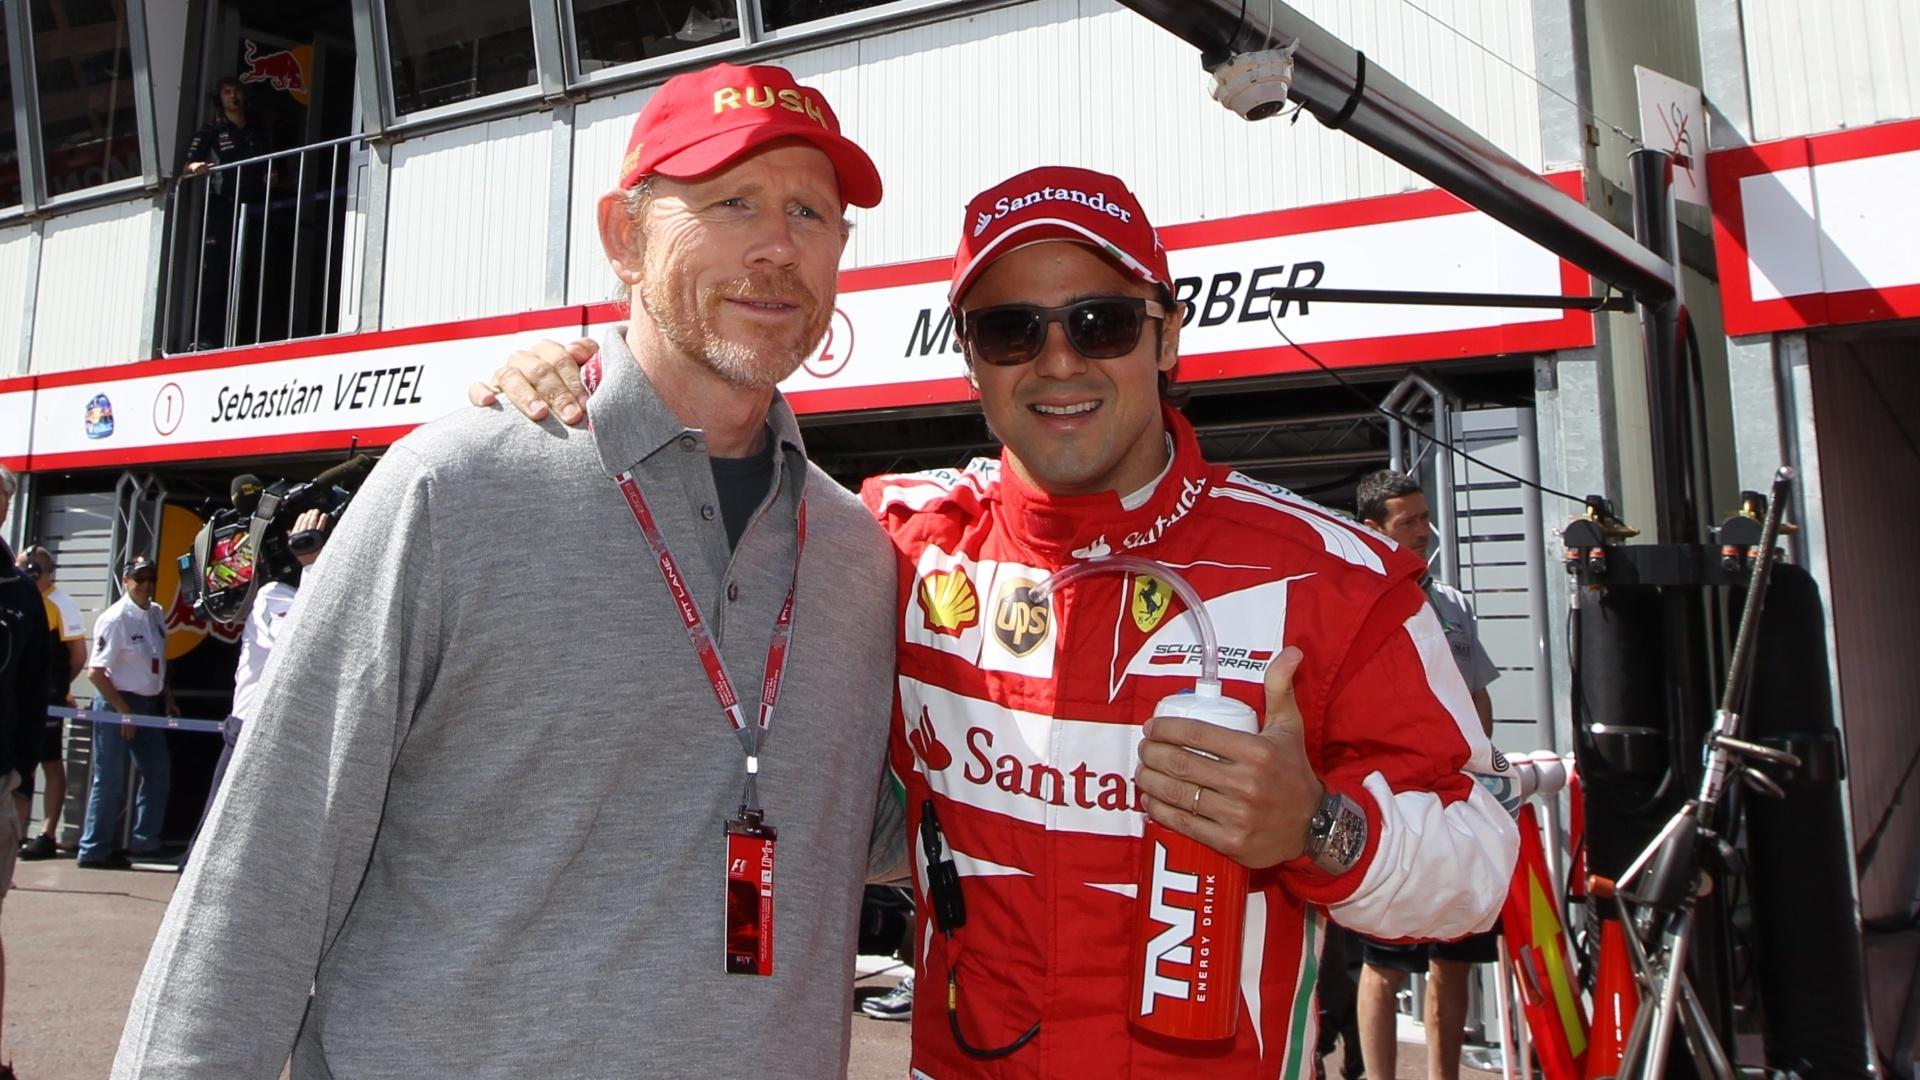 25.mai.2013 - Antes de ir para pista, Felipe Massa (direita) faz sinal de positivo ao lado do diretor Ron Howard, do filme Uma Mente Brilhante